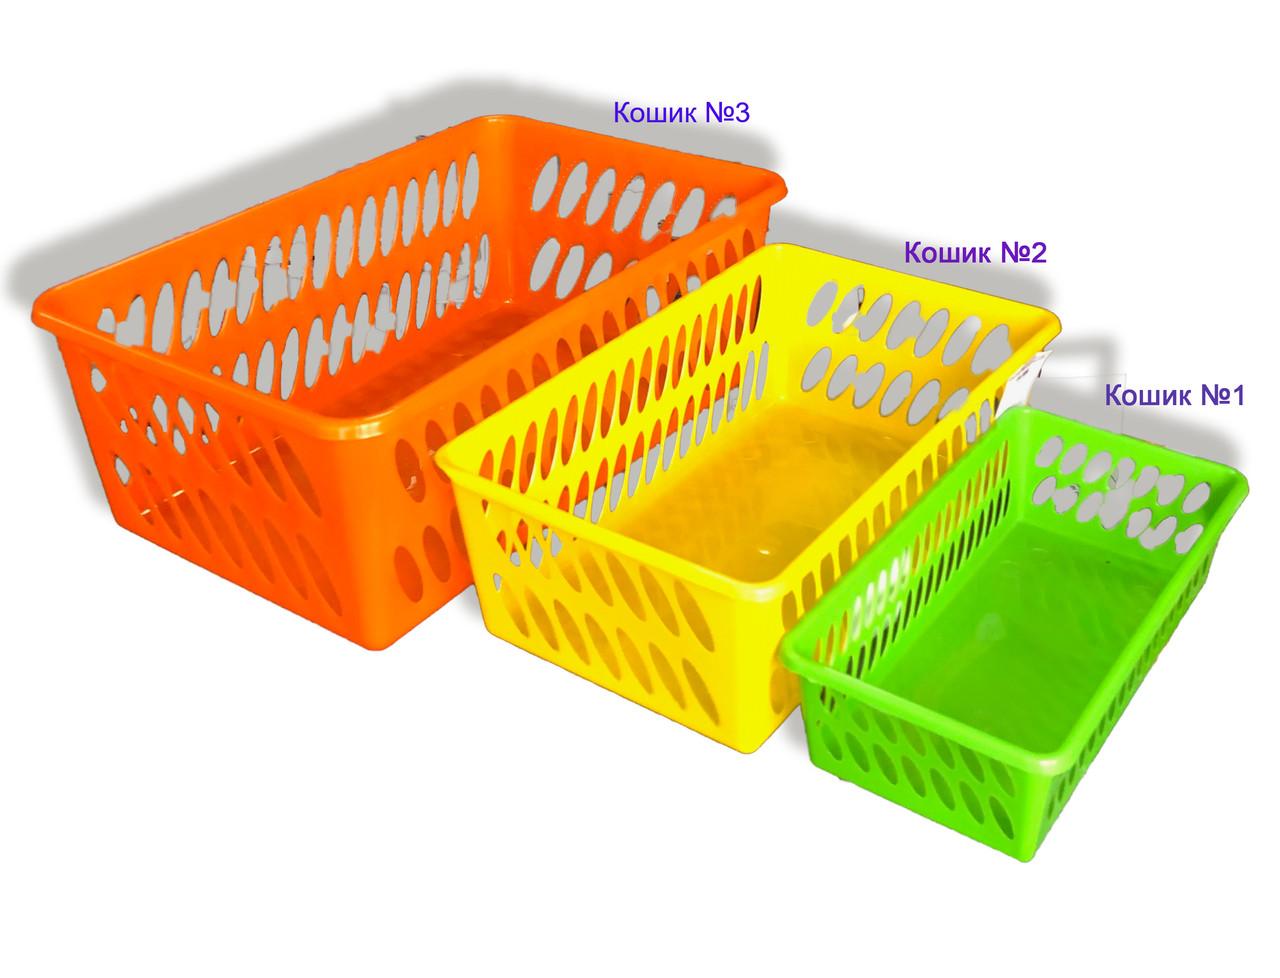 Кошичок пластиковий для зберігання, № 3 (11*19*30 см), ММ